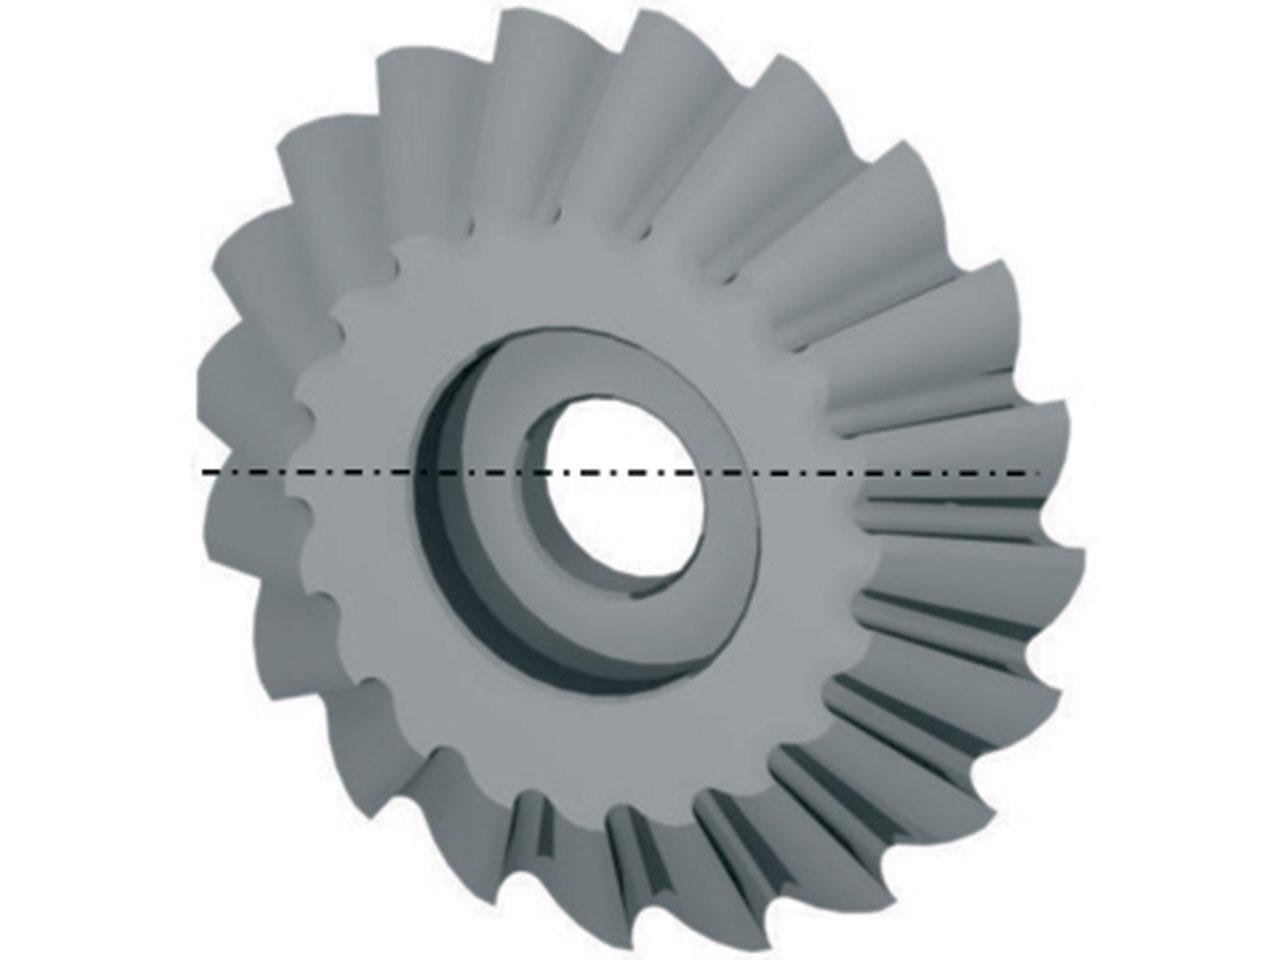 Fasenfräser LC300